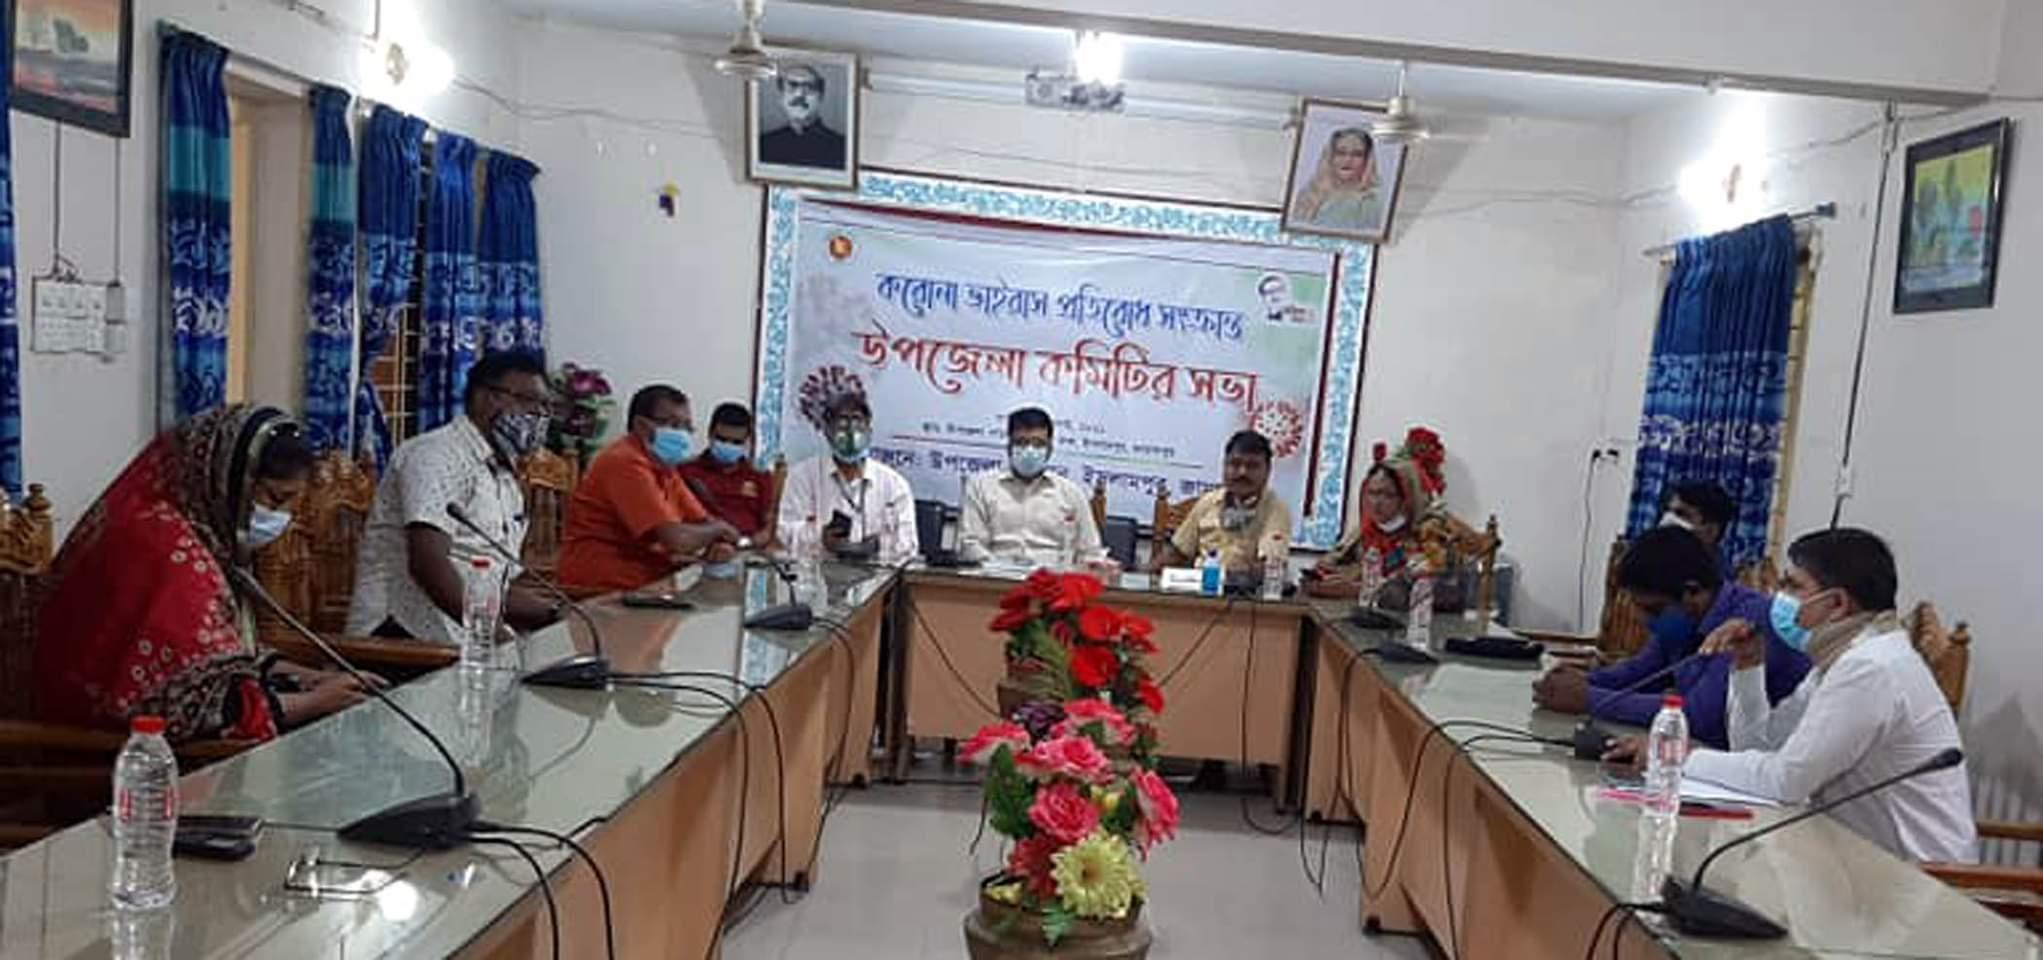 ইসলামপুরে করোনা ভাইরাস প্রতিরোধে উপজেলা কমিটির সভা অনুষ্ঠিত